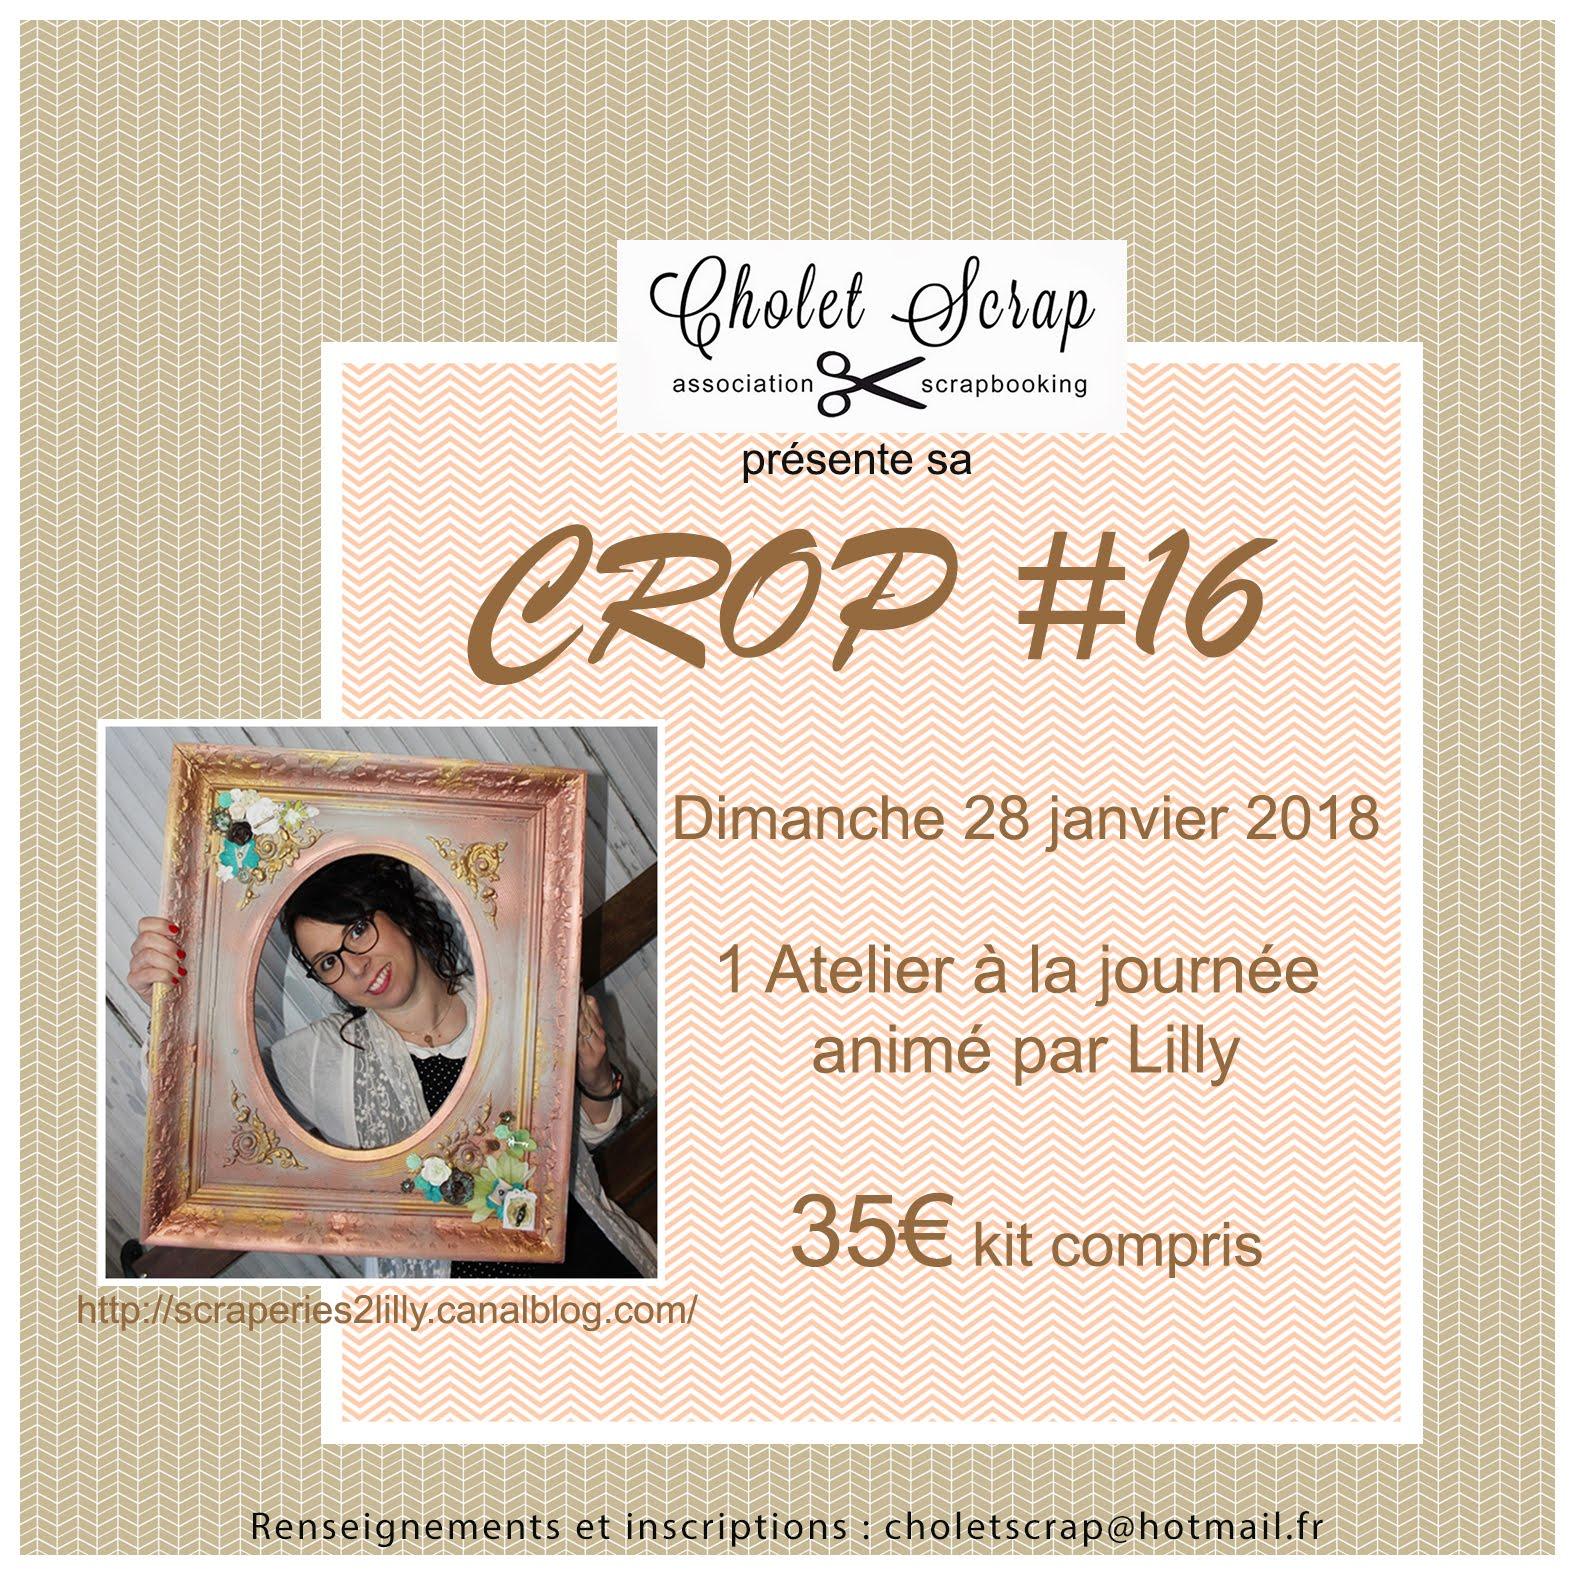 Crop #16